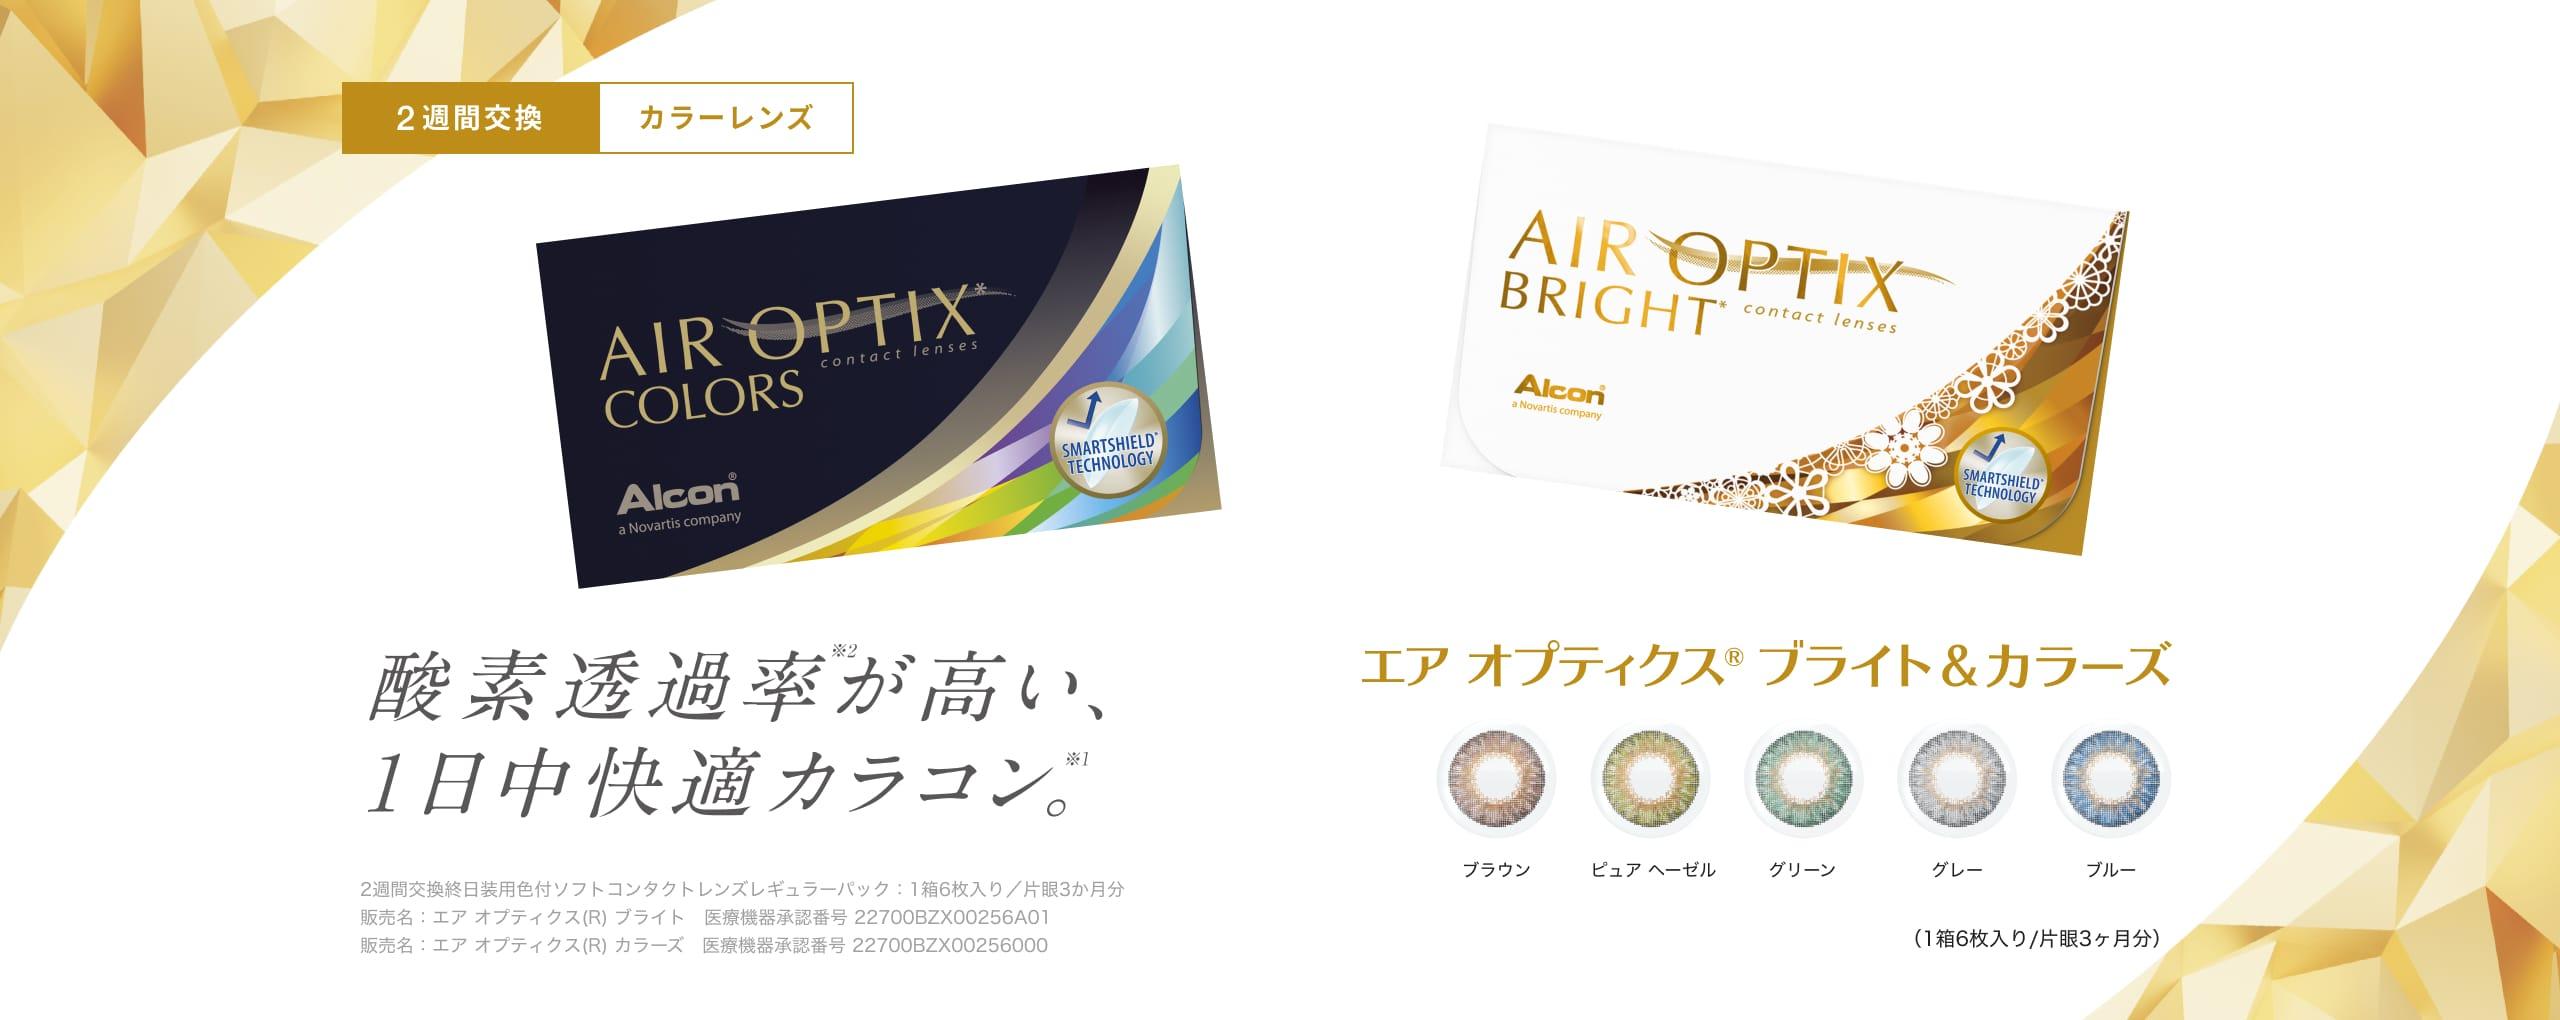 エアオプティクス ブライト/カラーズ